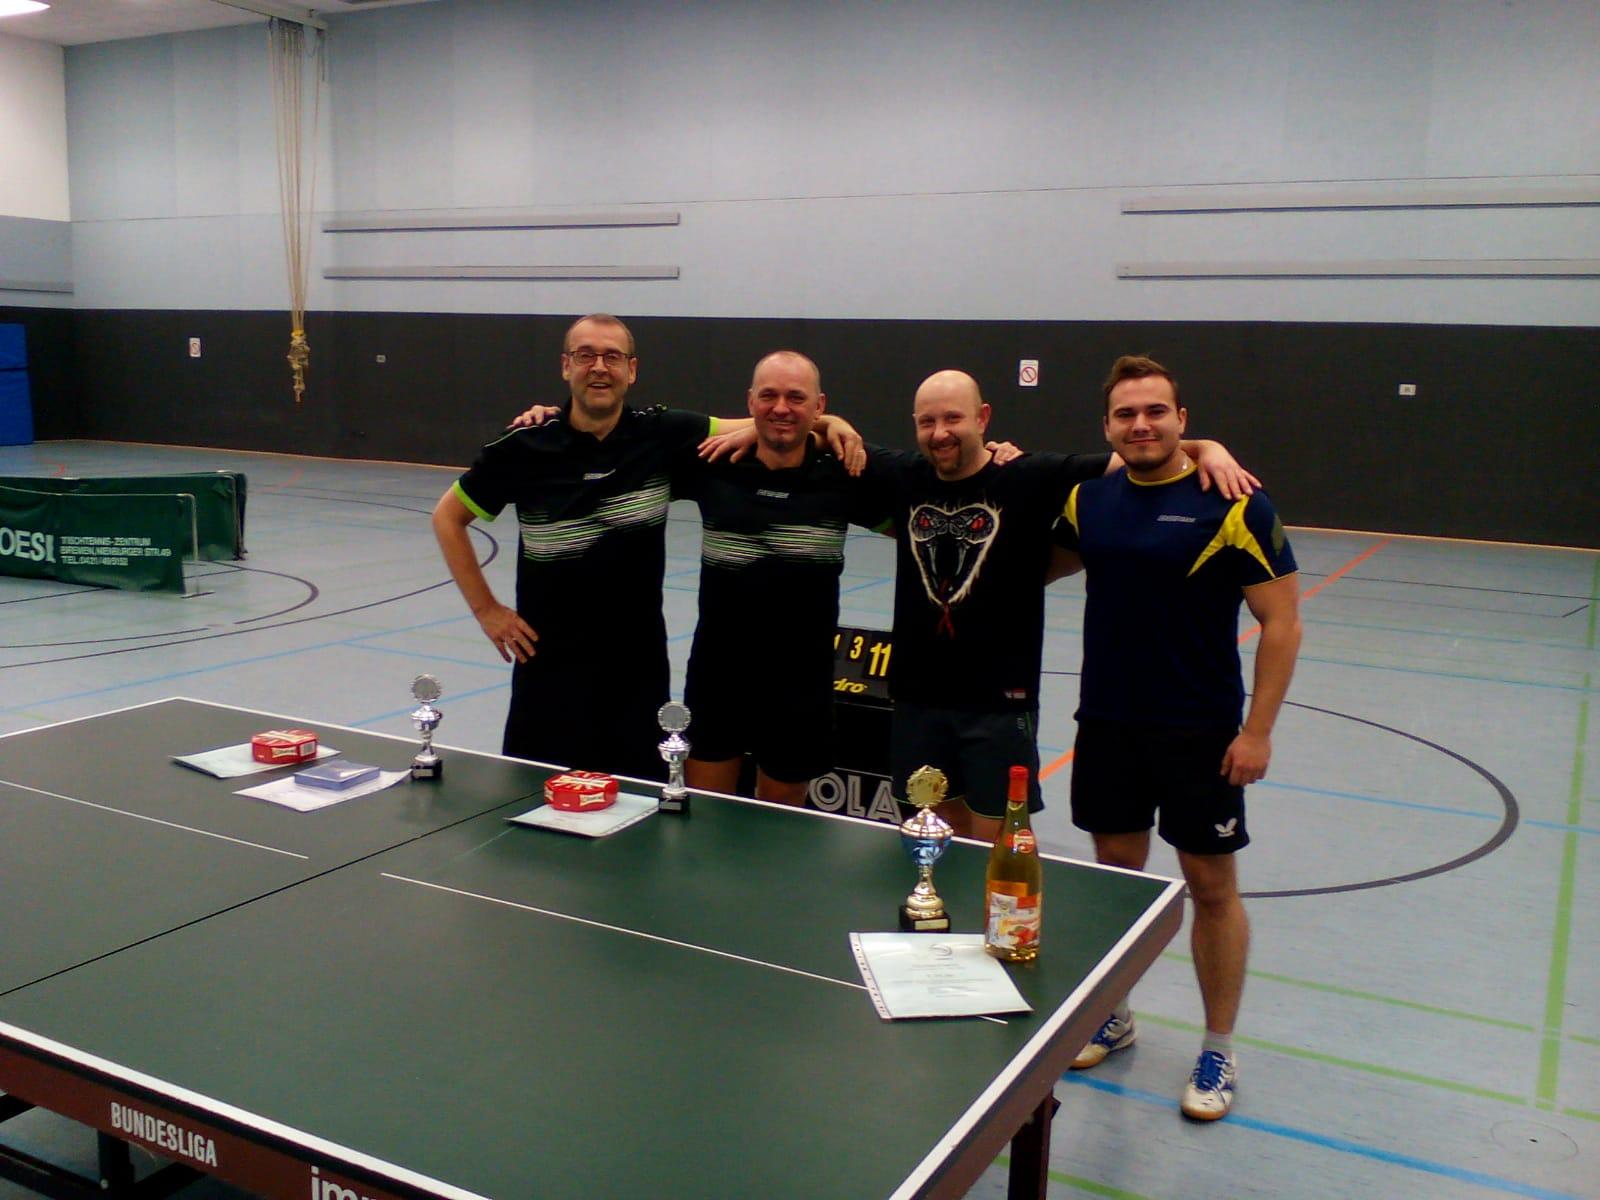 Rainer, Miroslaw, Timo und Steven